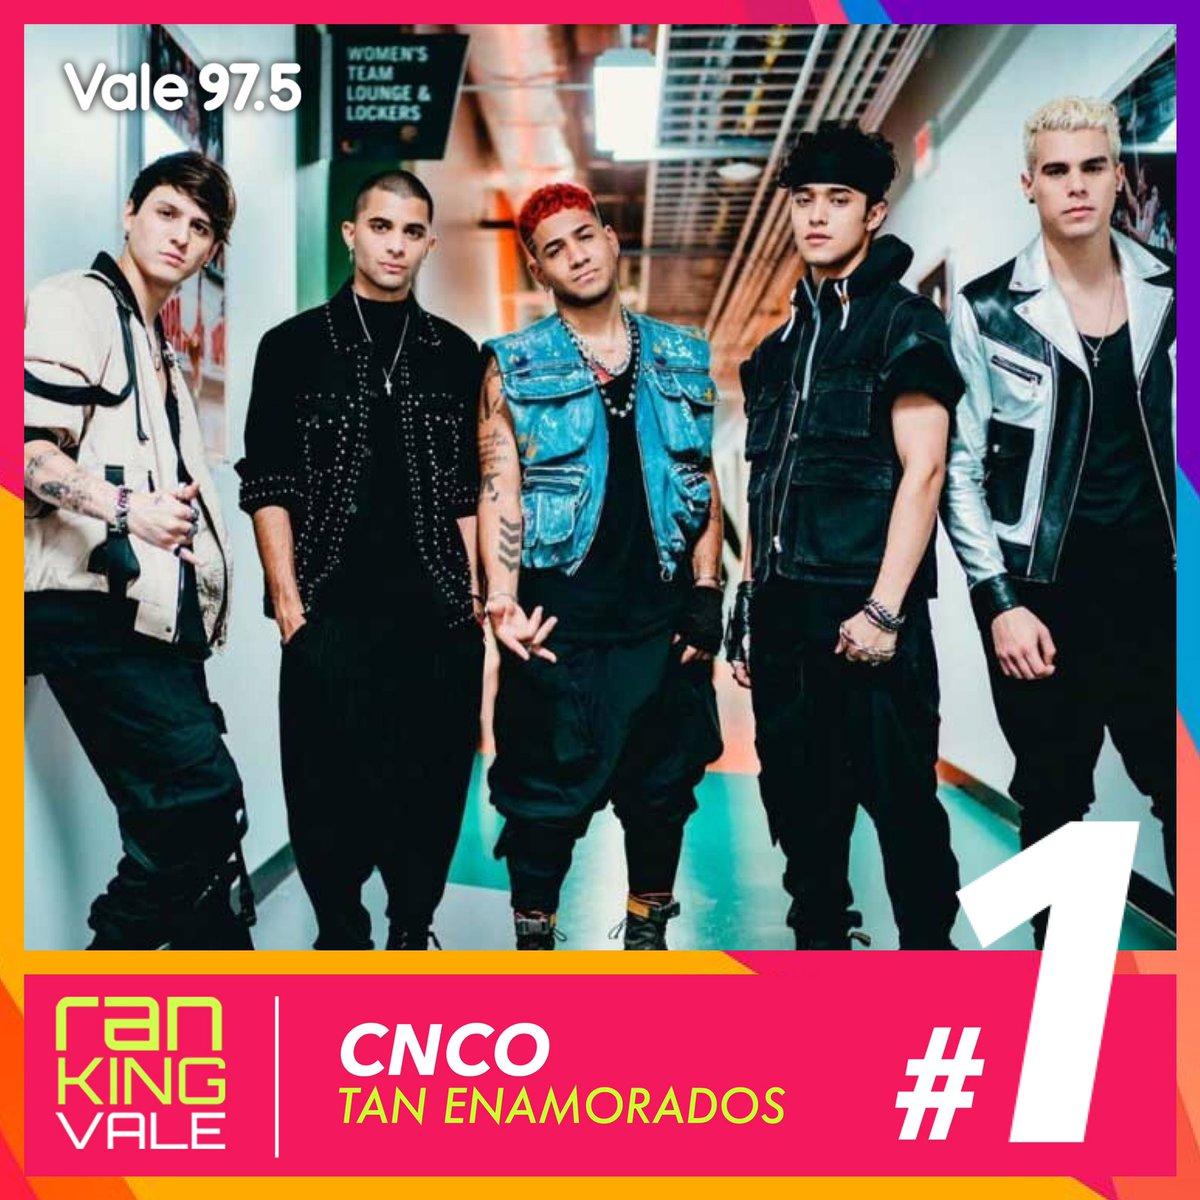 PUESTO #1 | ¡@CNCOmusic en lo más alto! Mantienen su posición con #TanEnamorados por segunda semana consecutiva, en el #RankingVale! 💥💥💥